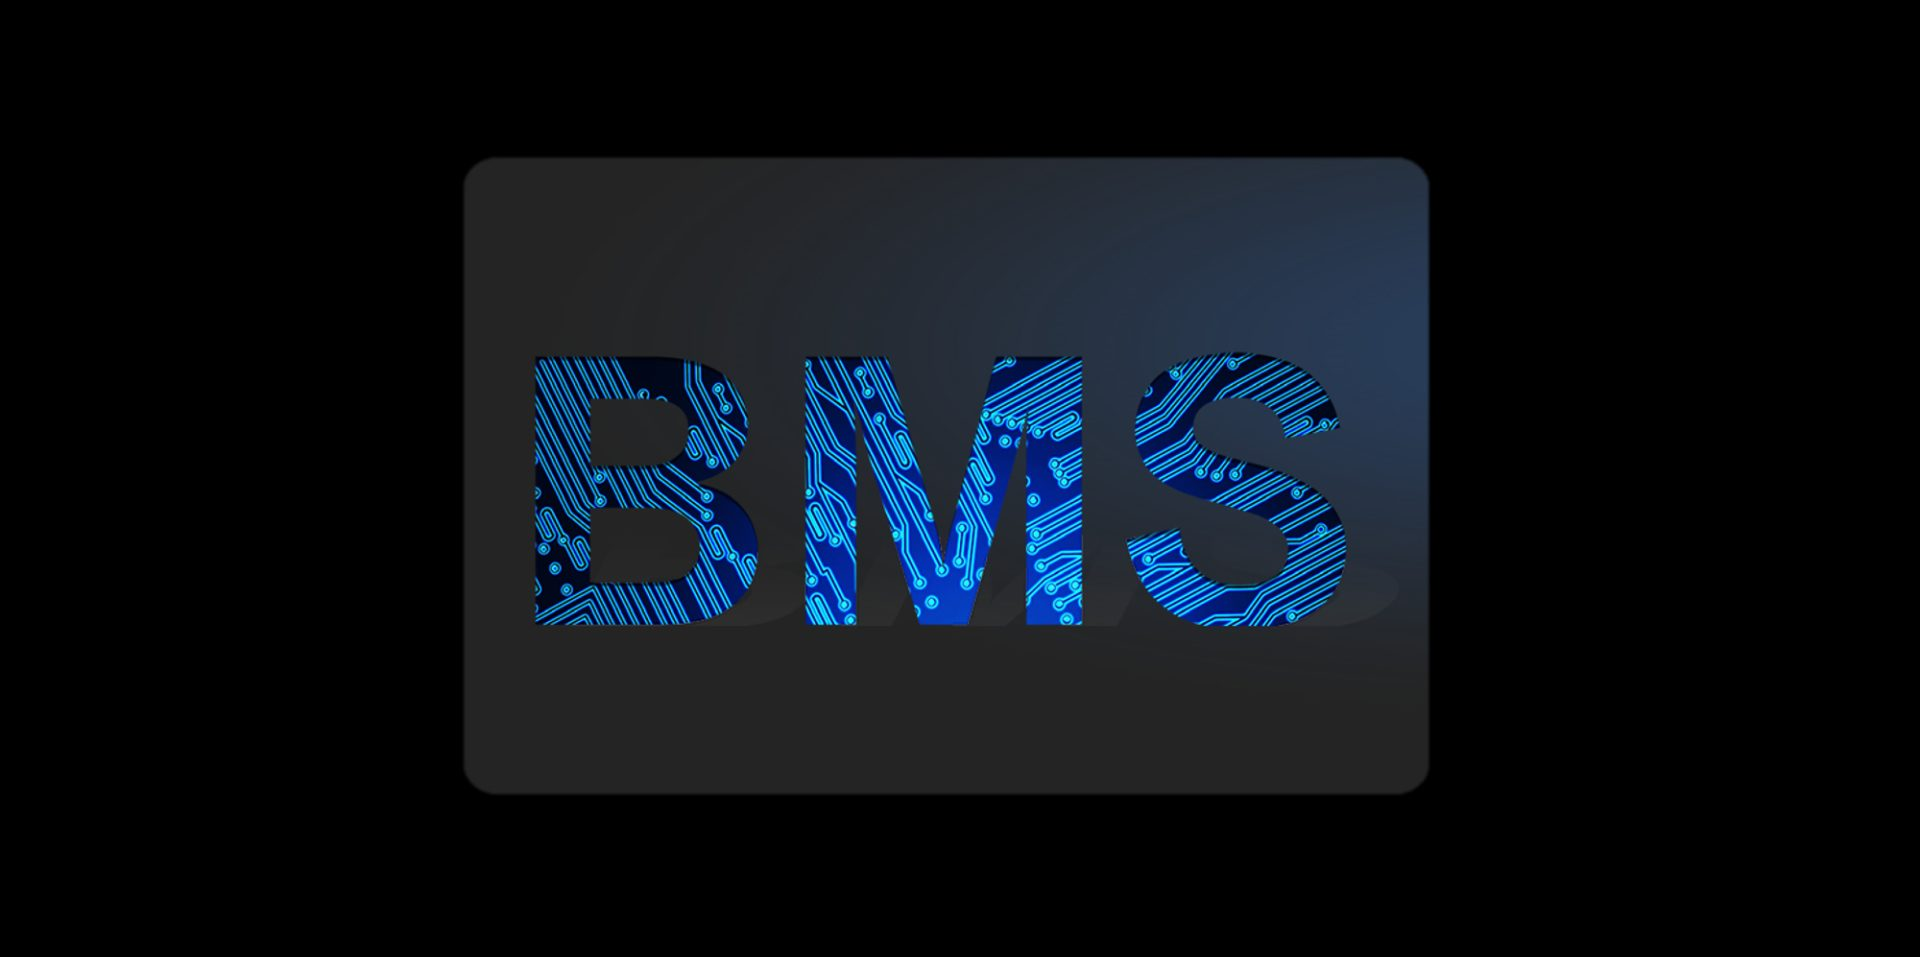 Protegido com tecnologia de segurança BMS dupla